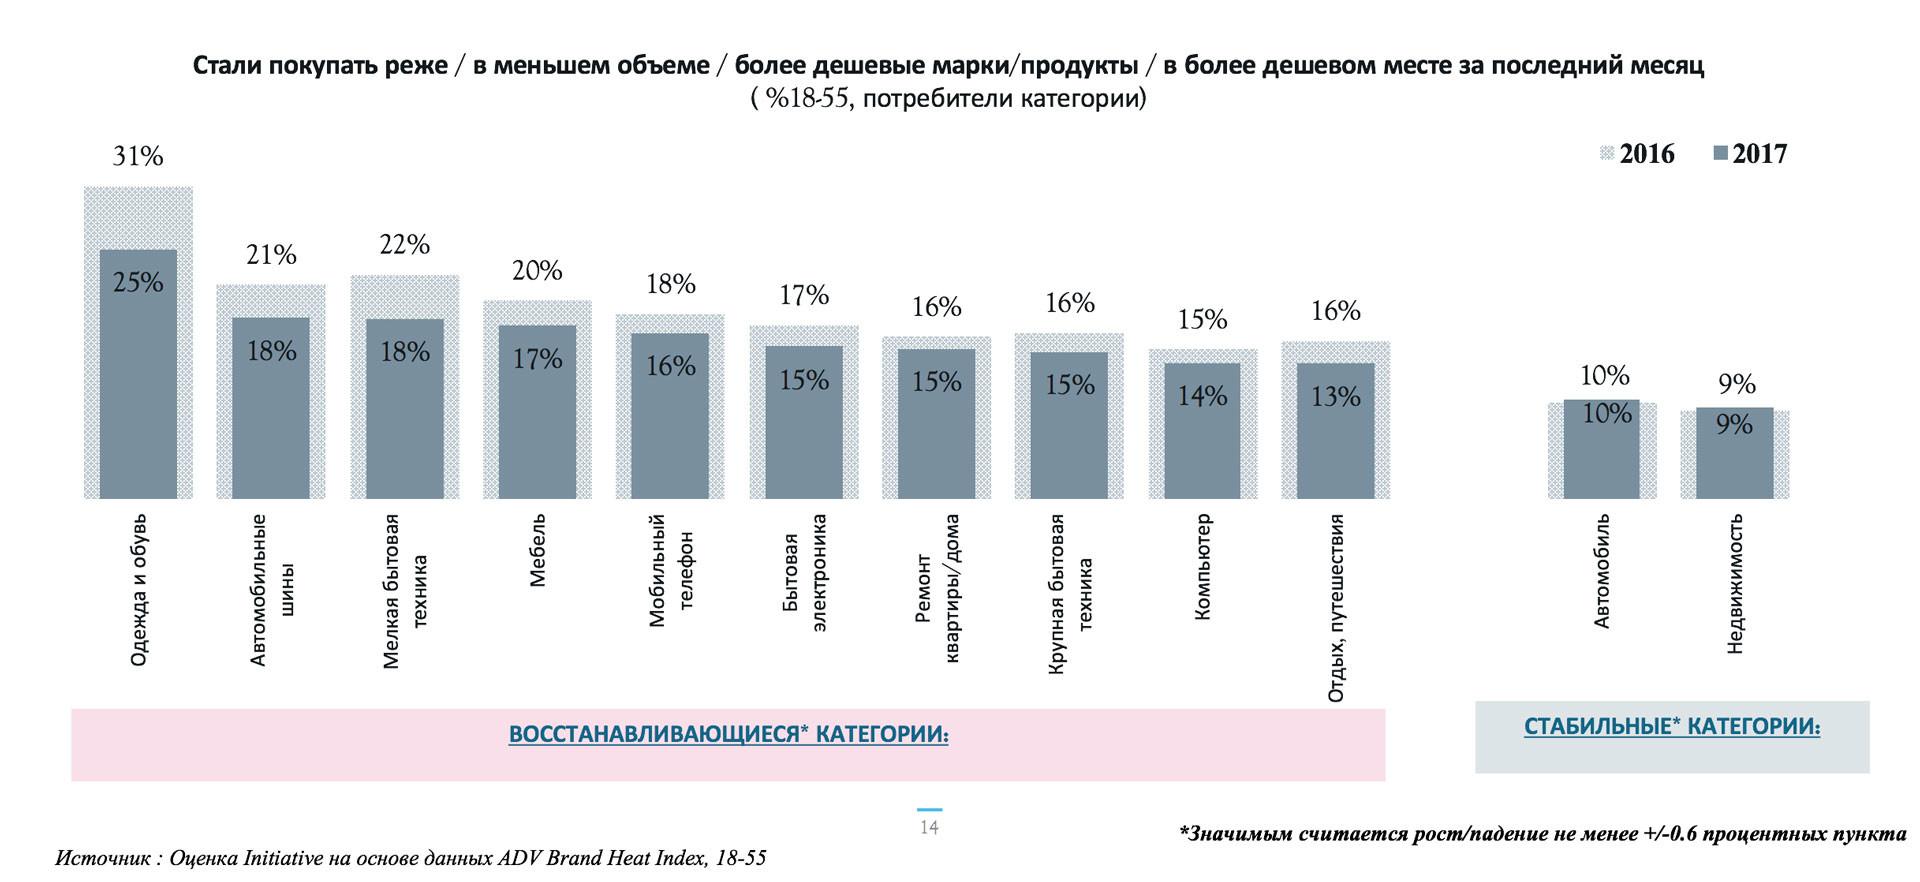 Уровень экономии по товарам длительного пользования. Источник: оценка Initiative на основе данных ADV Brand Heat Index